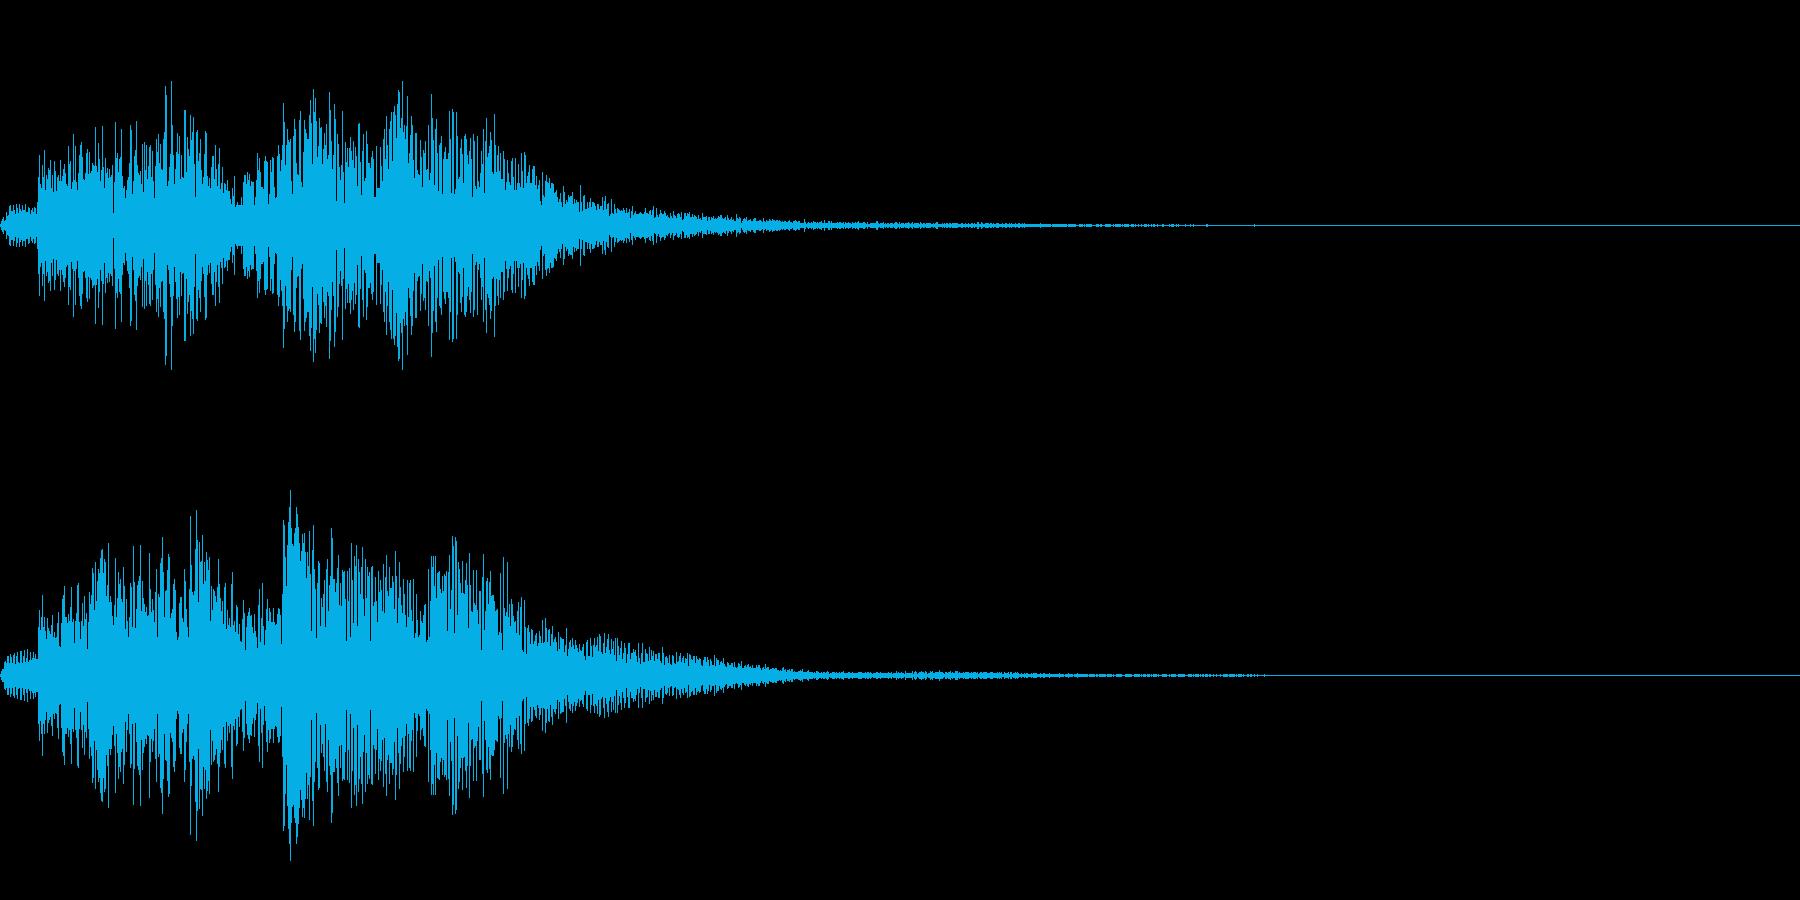 ハープによる分散和音~ディミニッシュ系~の再生済みの波形